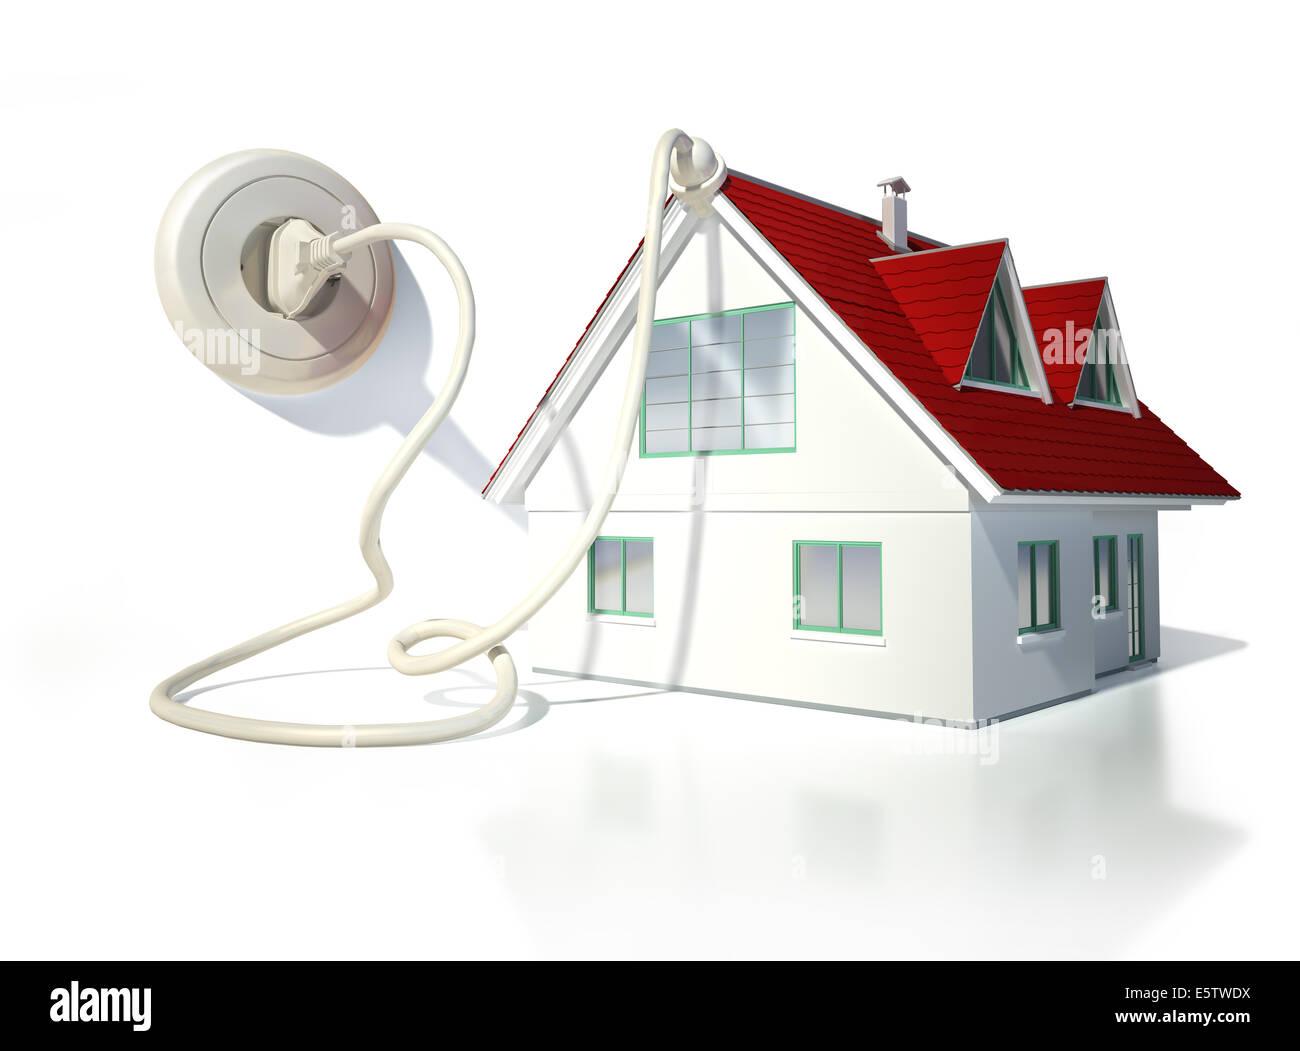 Haus mit elektrischen Kabel, Stecker und Steckdose. Auf weißem Hintergrund. Stockbild